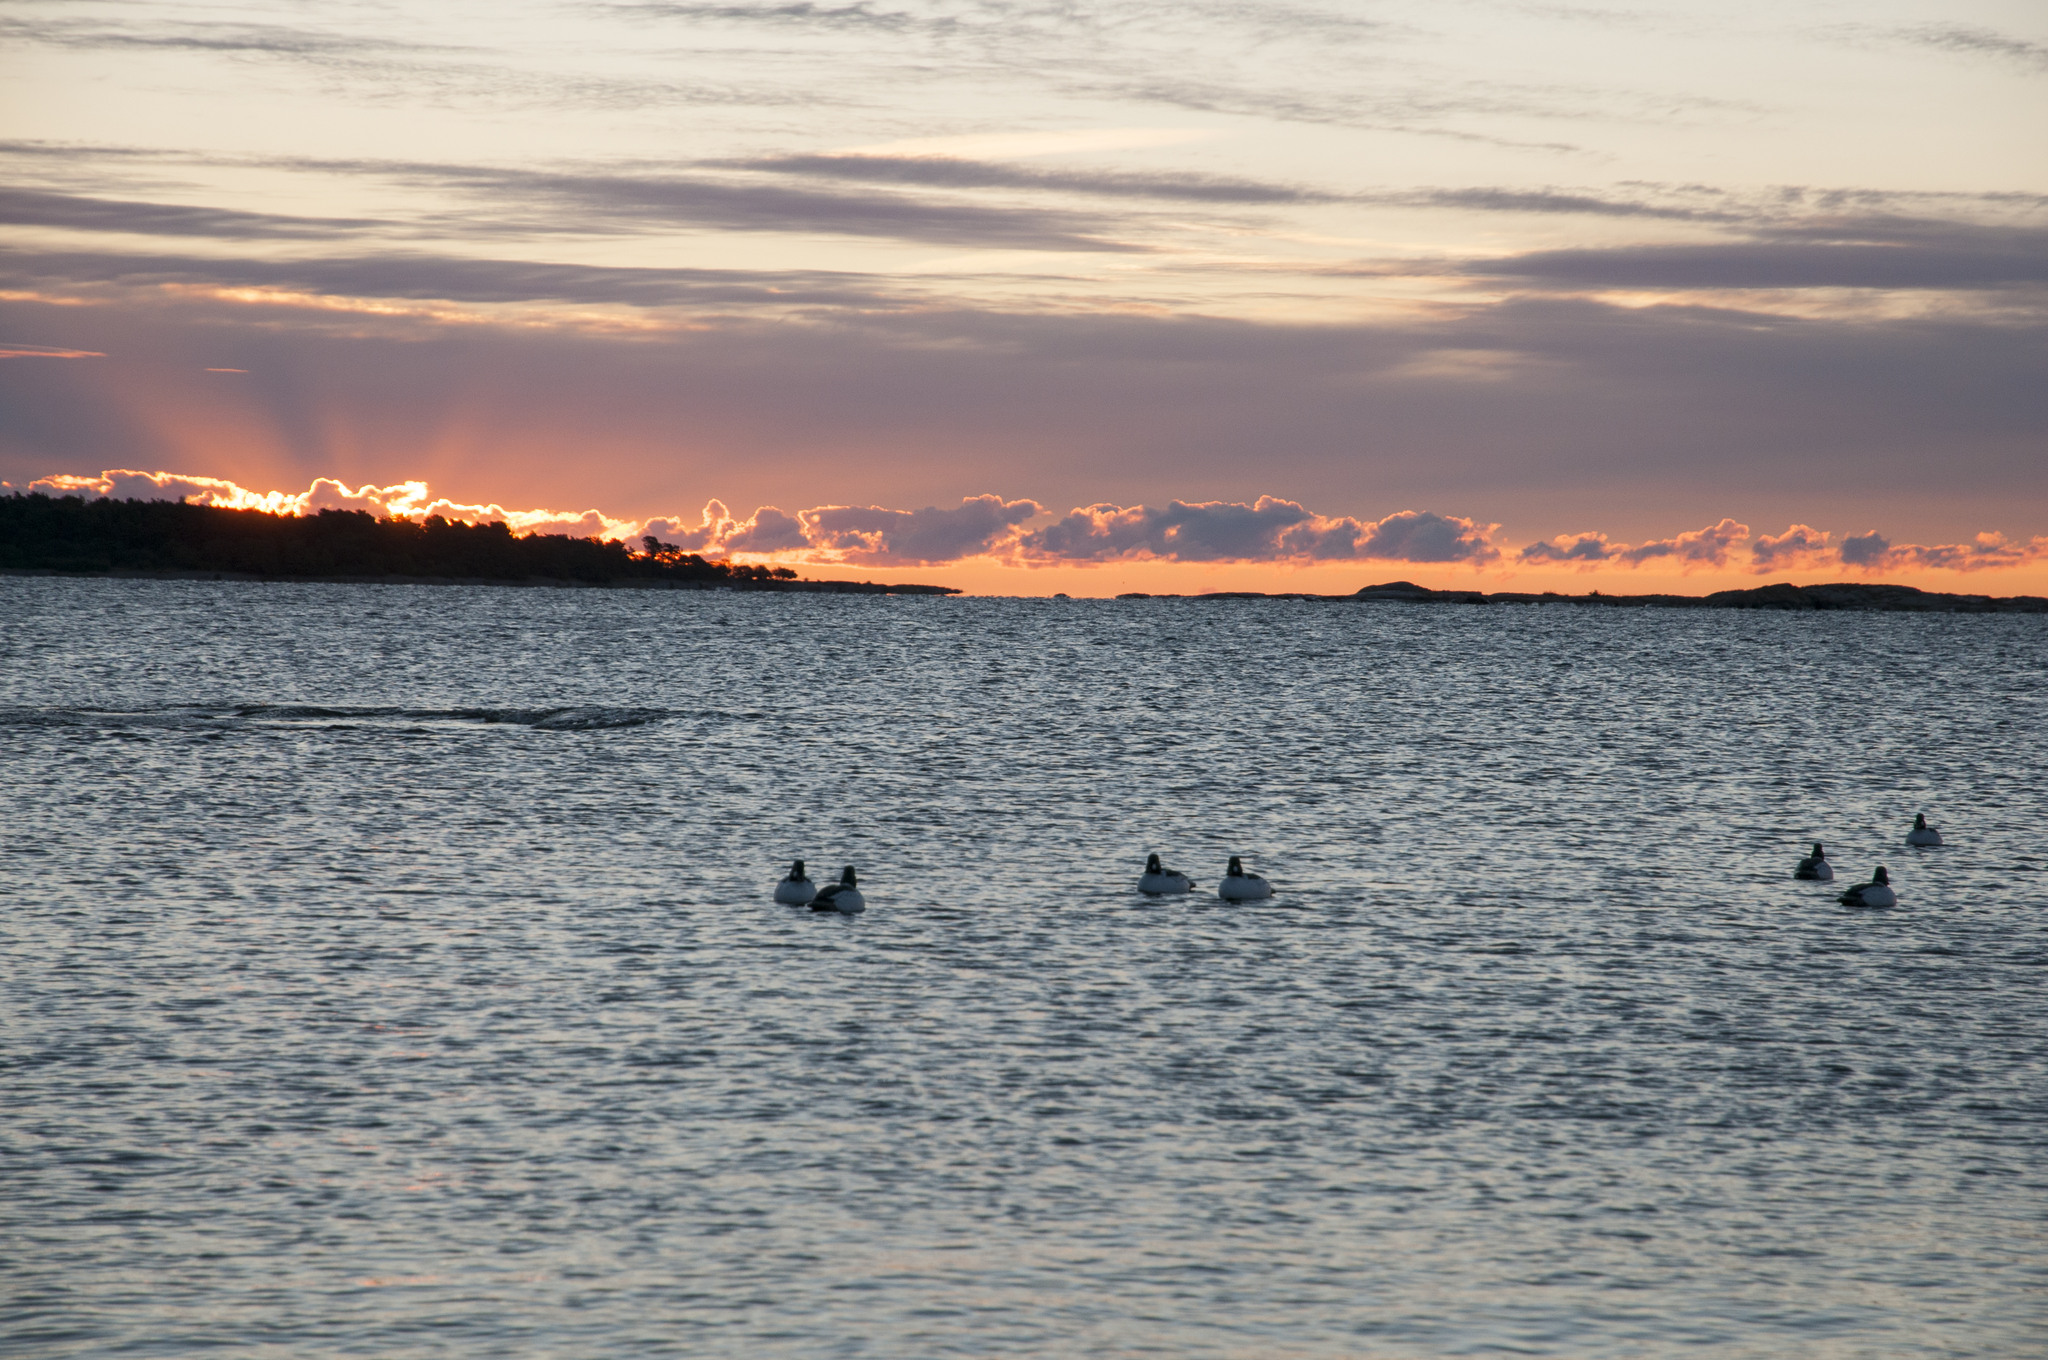 Sjöfågeljägarna i Blekinge vill ha tillbaka jakten på de statligt ägda kronoholmarna som den var förut. Foto: Jan Henricson